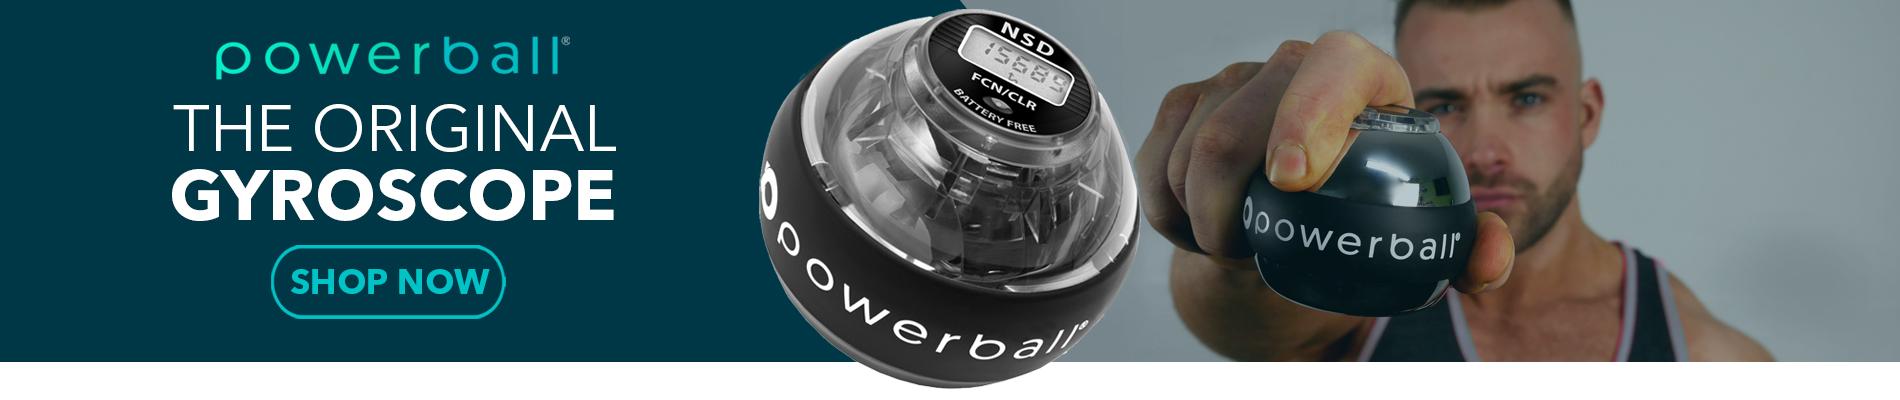 powerball gyroscopice exerciser